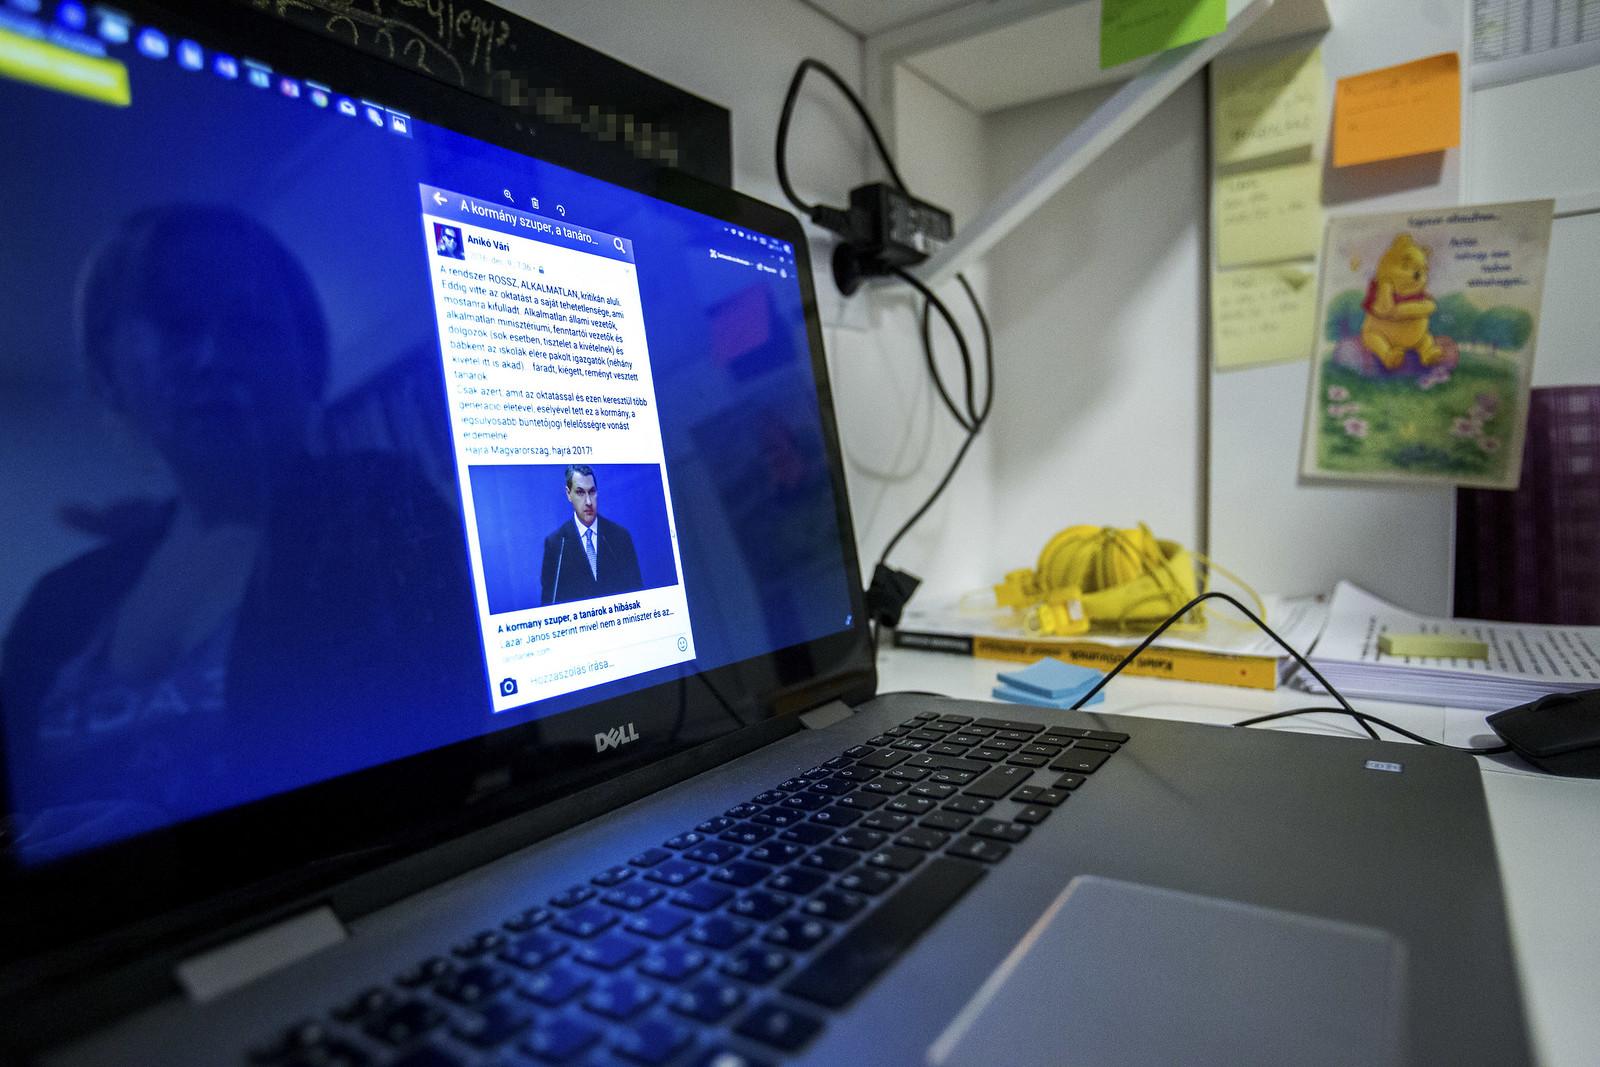 Vári Anikó az ügyet kiváltó Facebook-posztját mutatja otthonában | Fotó: Dimény András / Képszerkesztőség